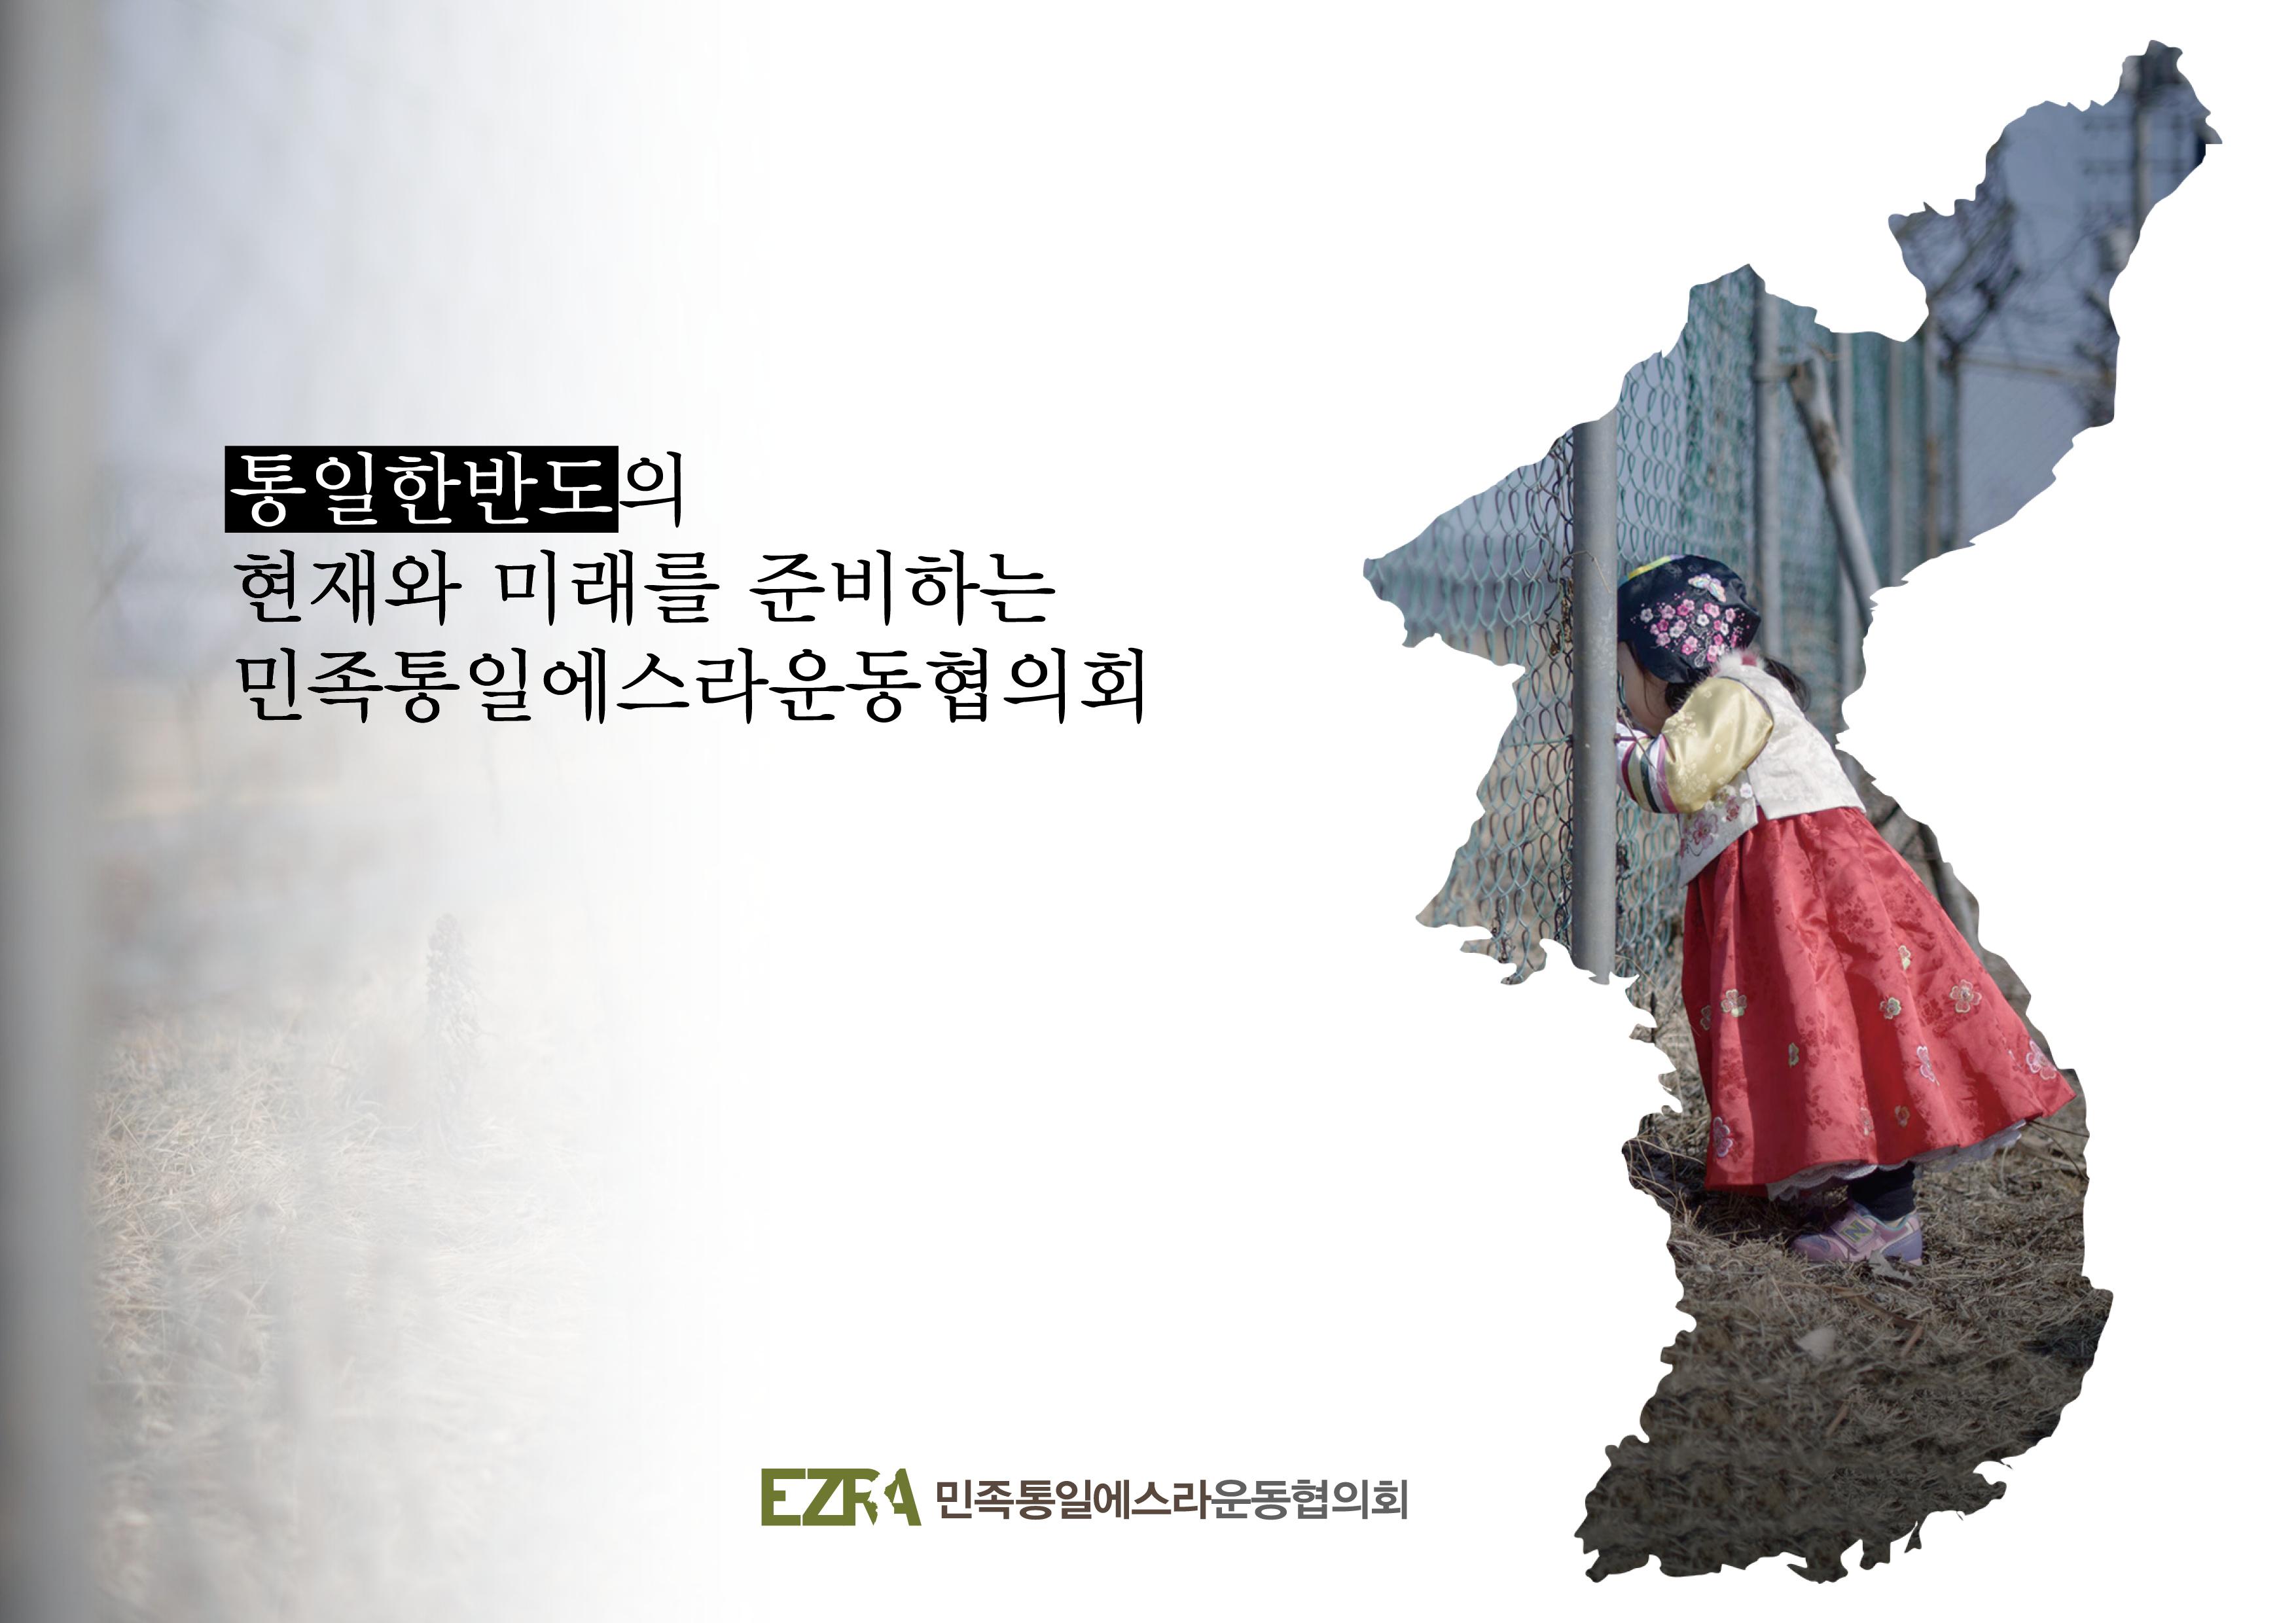 민족통일에스라운동협의회_최종1.jpg